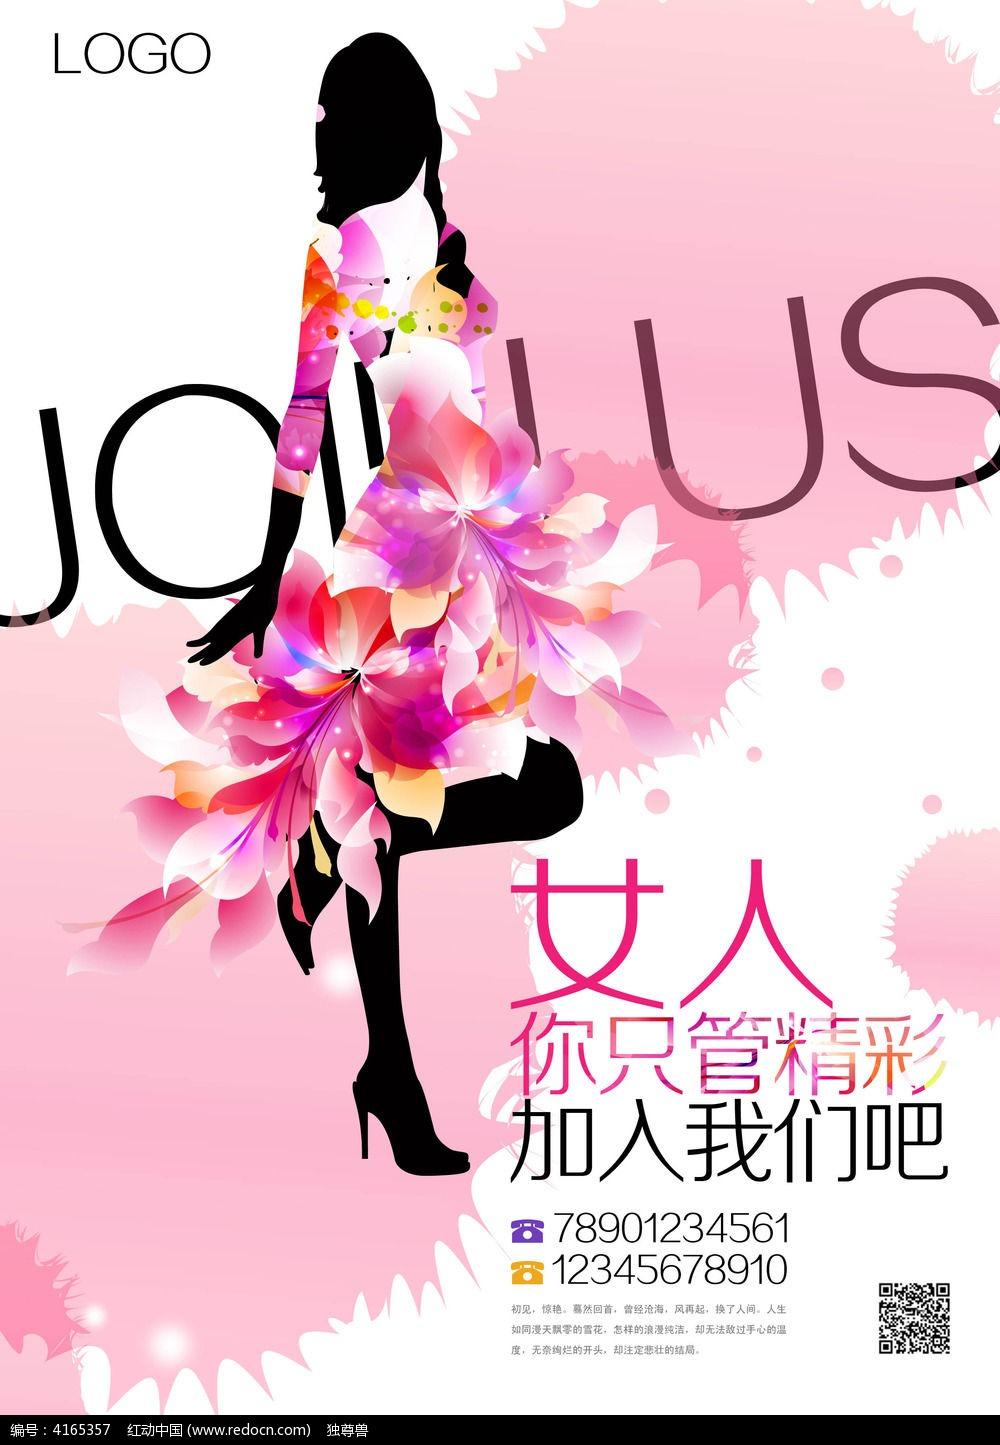 化妆品字体碗面招聘海报_海报设计/宣传单/广来行业女性设计图片